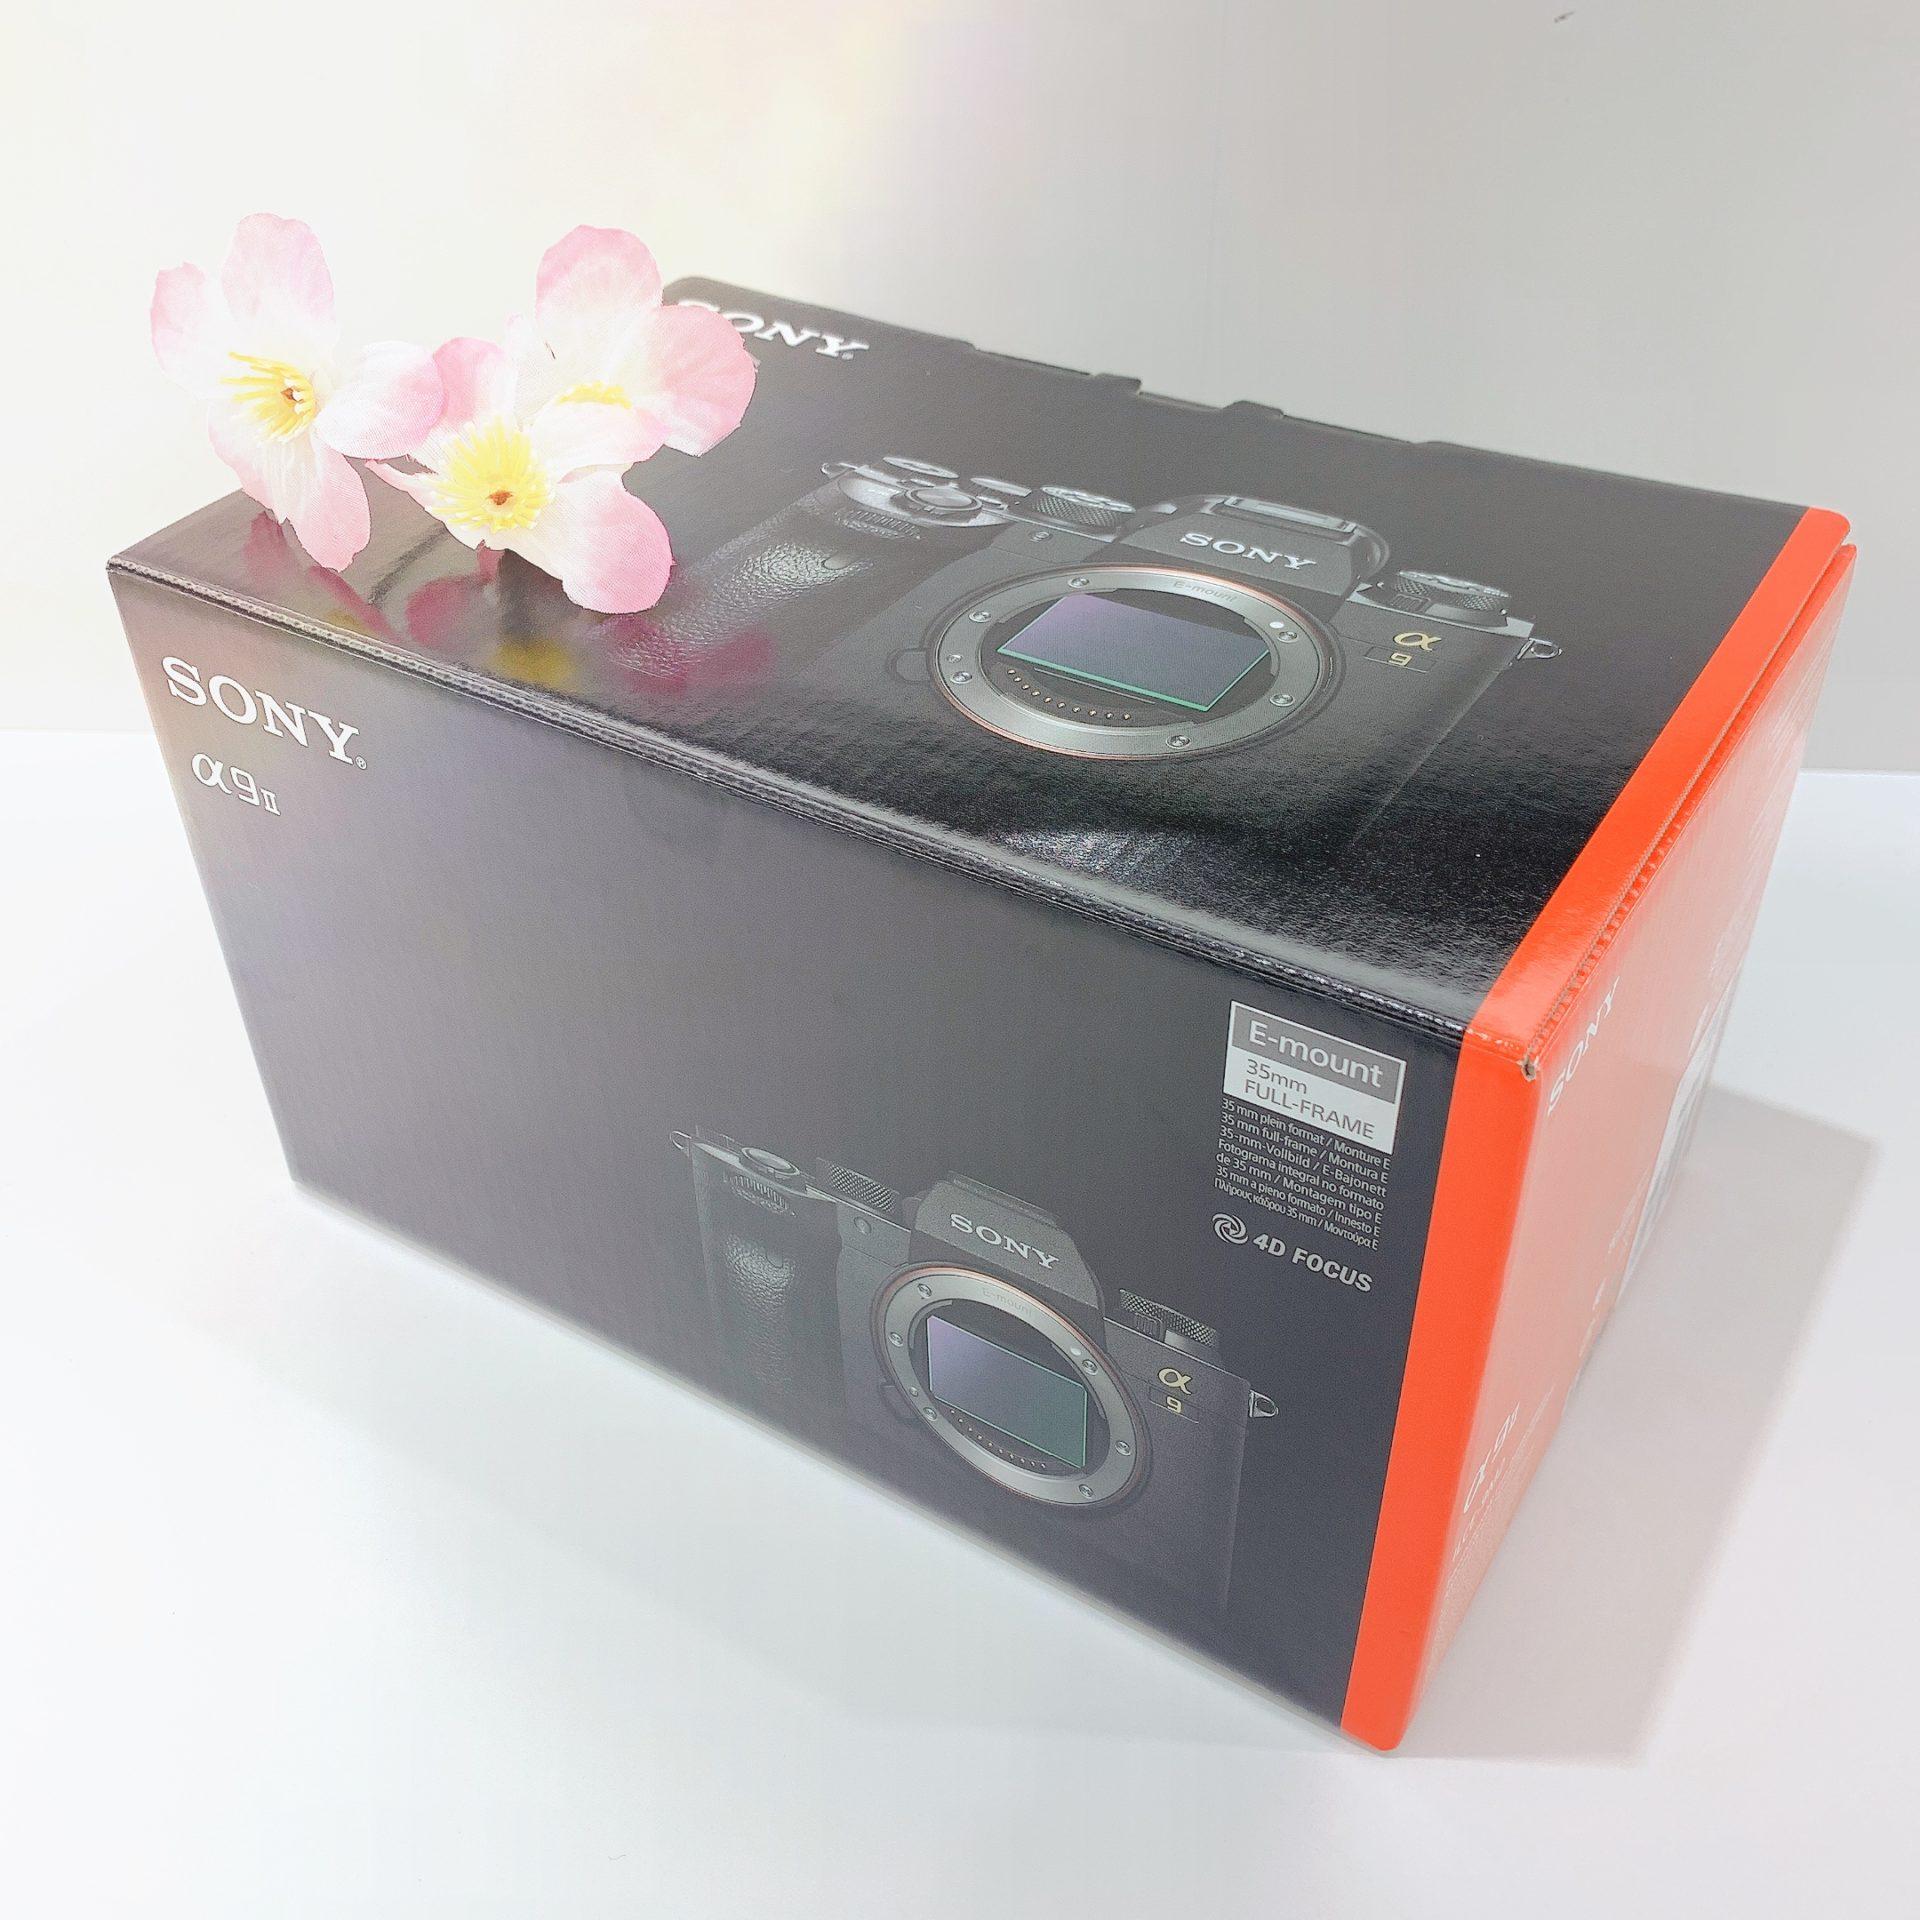 【カメラ 販売 盛岡】この春、カメラを始めてみませんか?